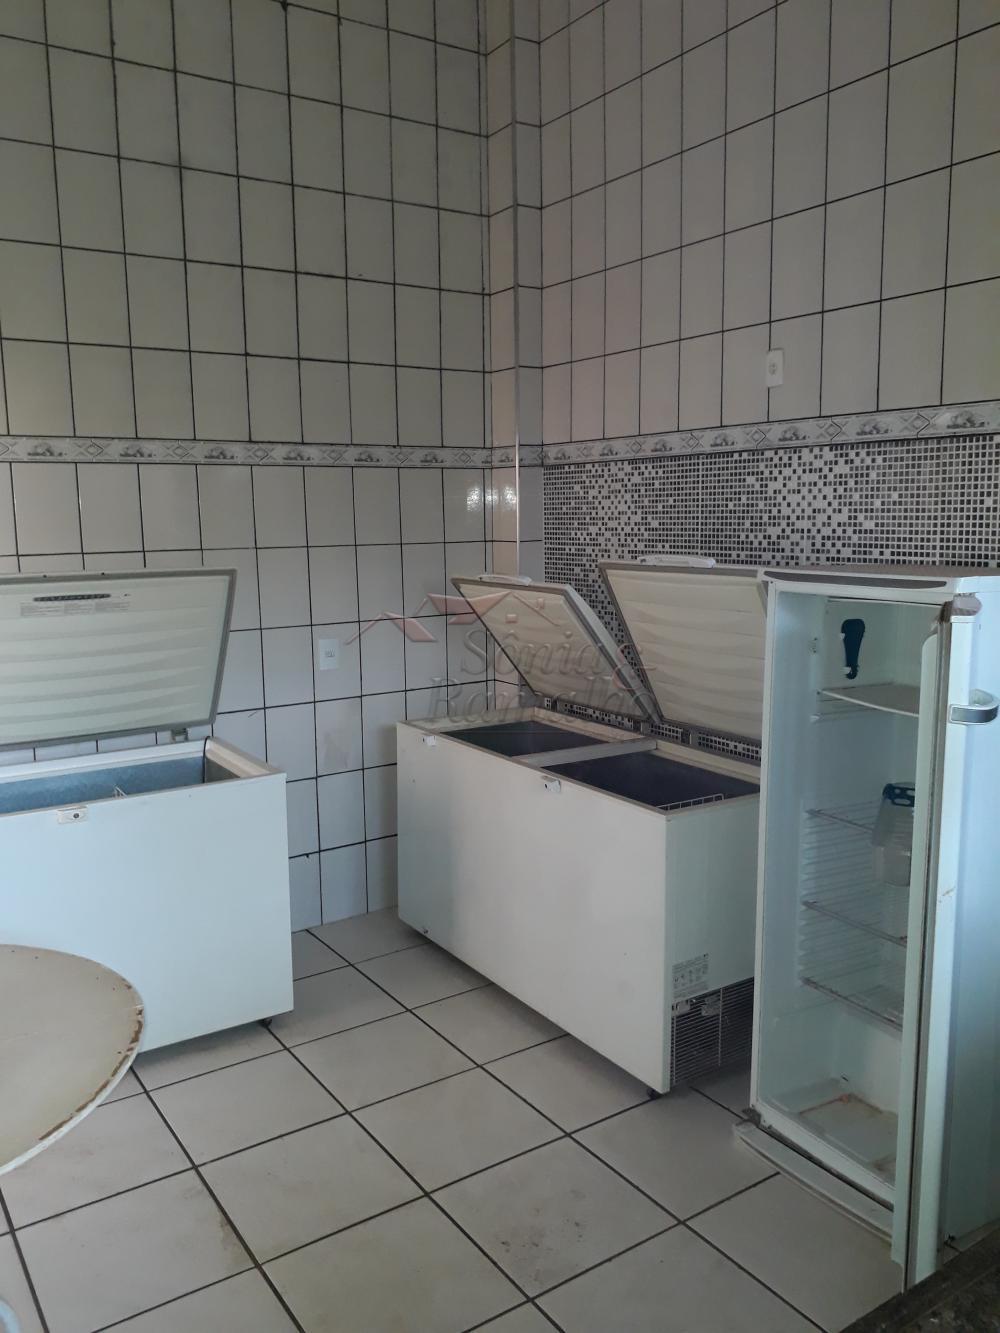 Alugar Casas / Comercial em Ribeirão Preto apenas R$ 2.800,00 - Foto 7